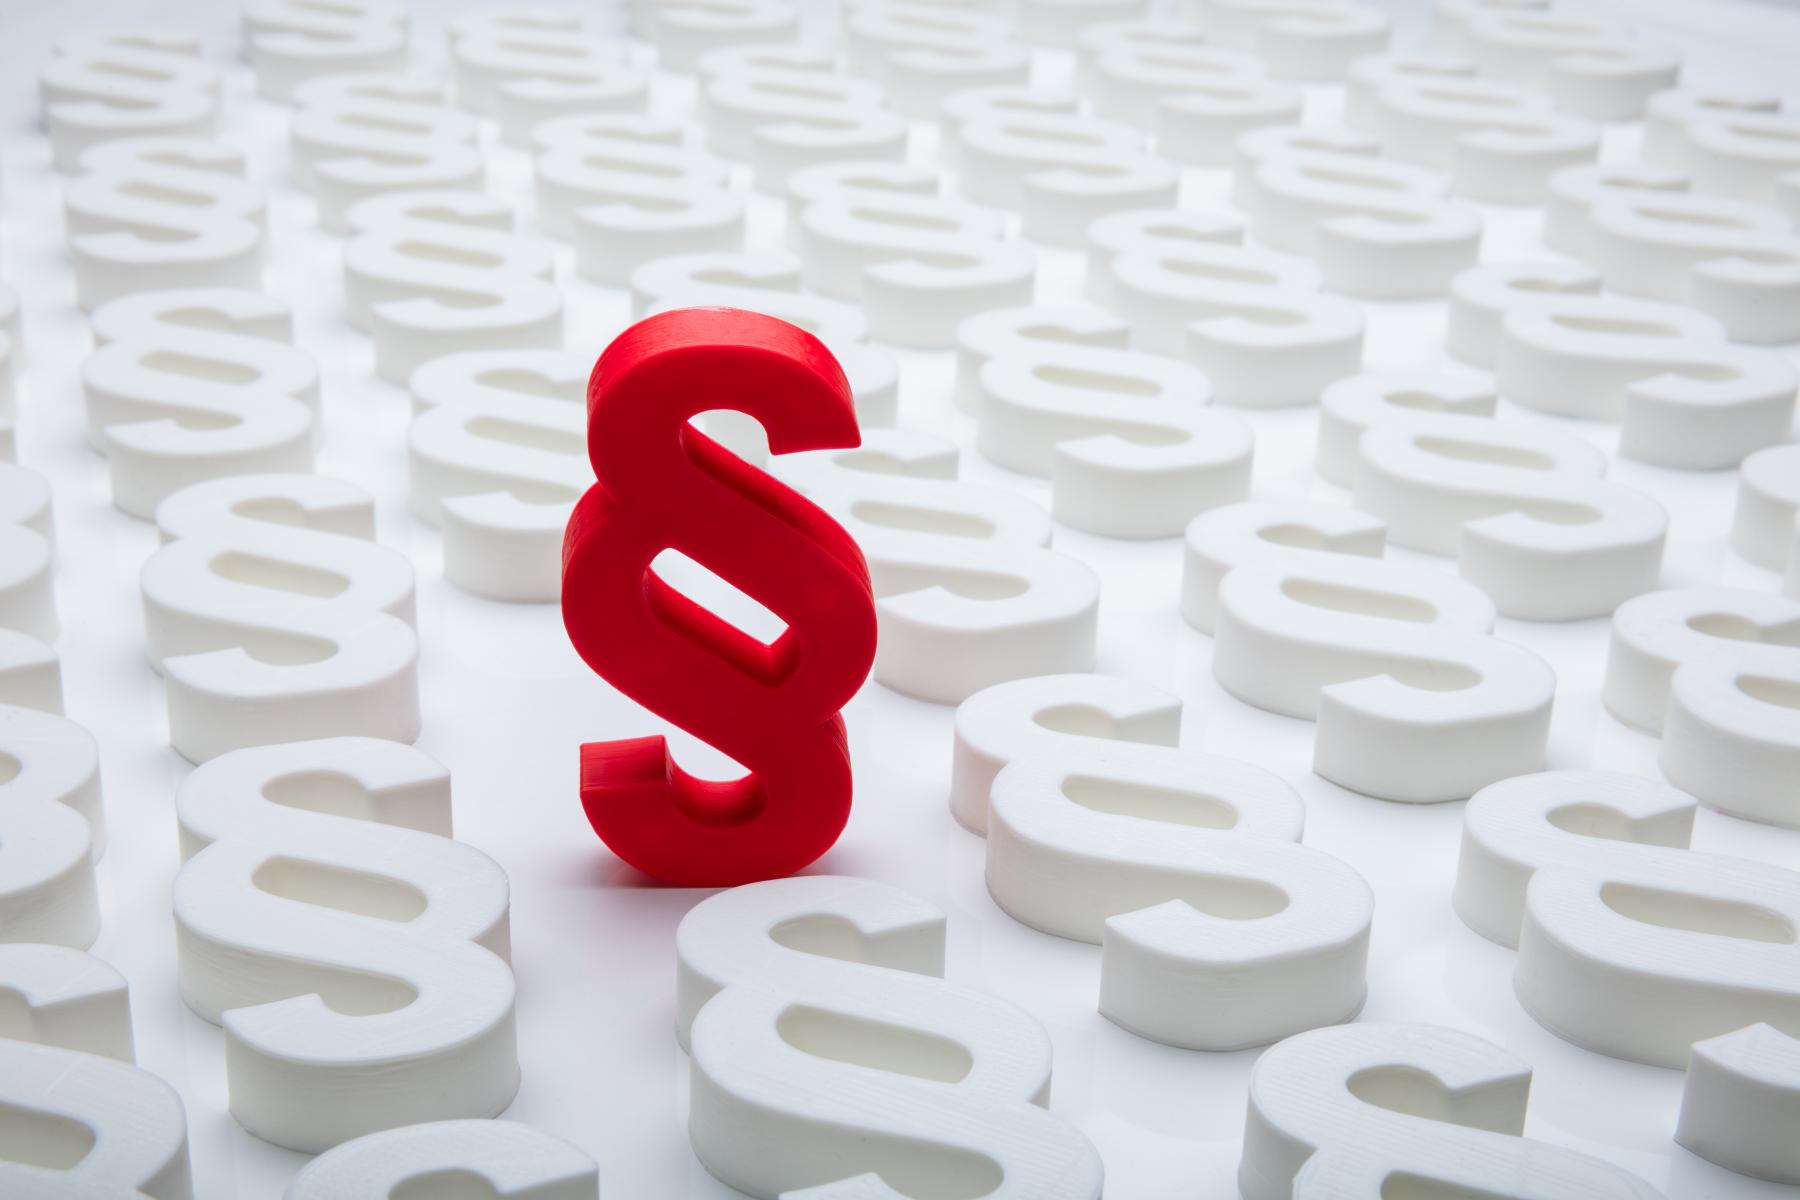 Raud paragraf symbol blant mange kvite paragraf symbol